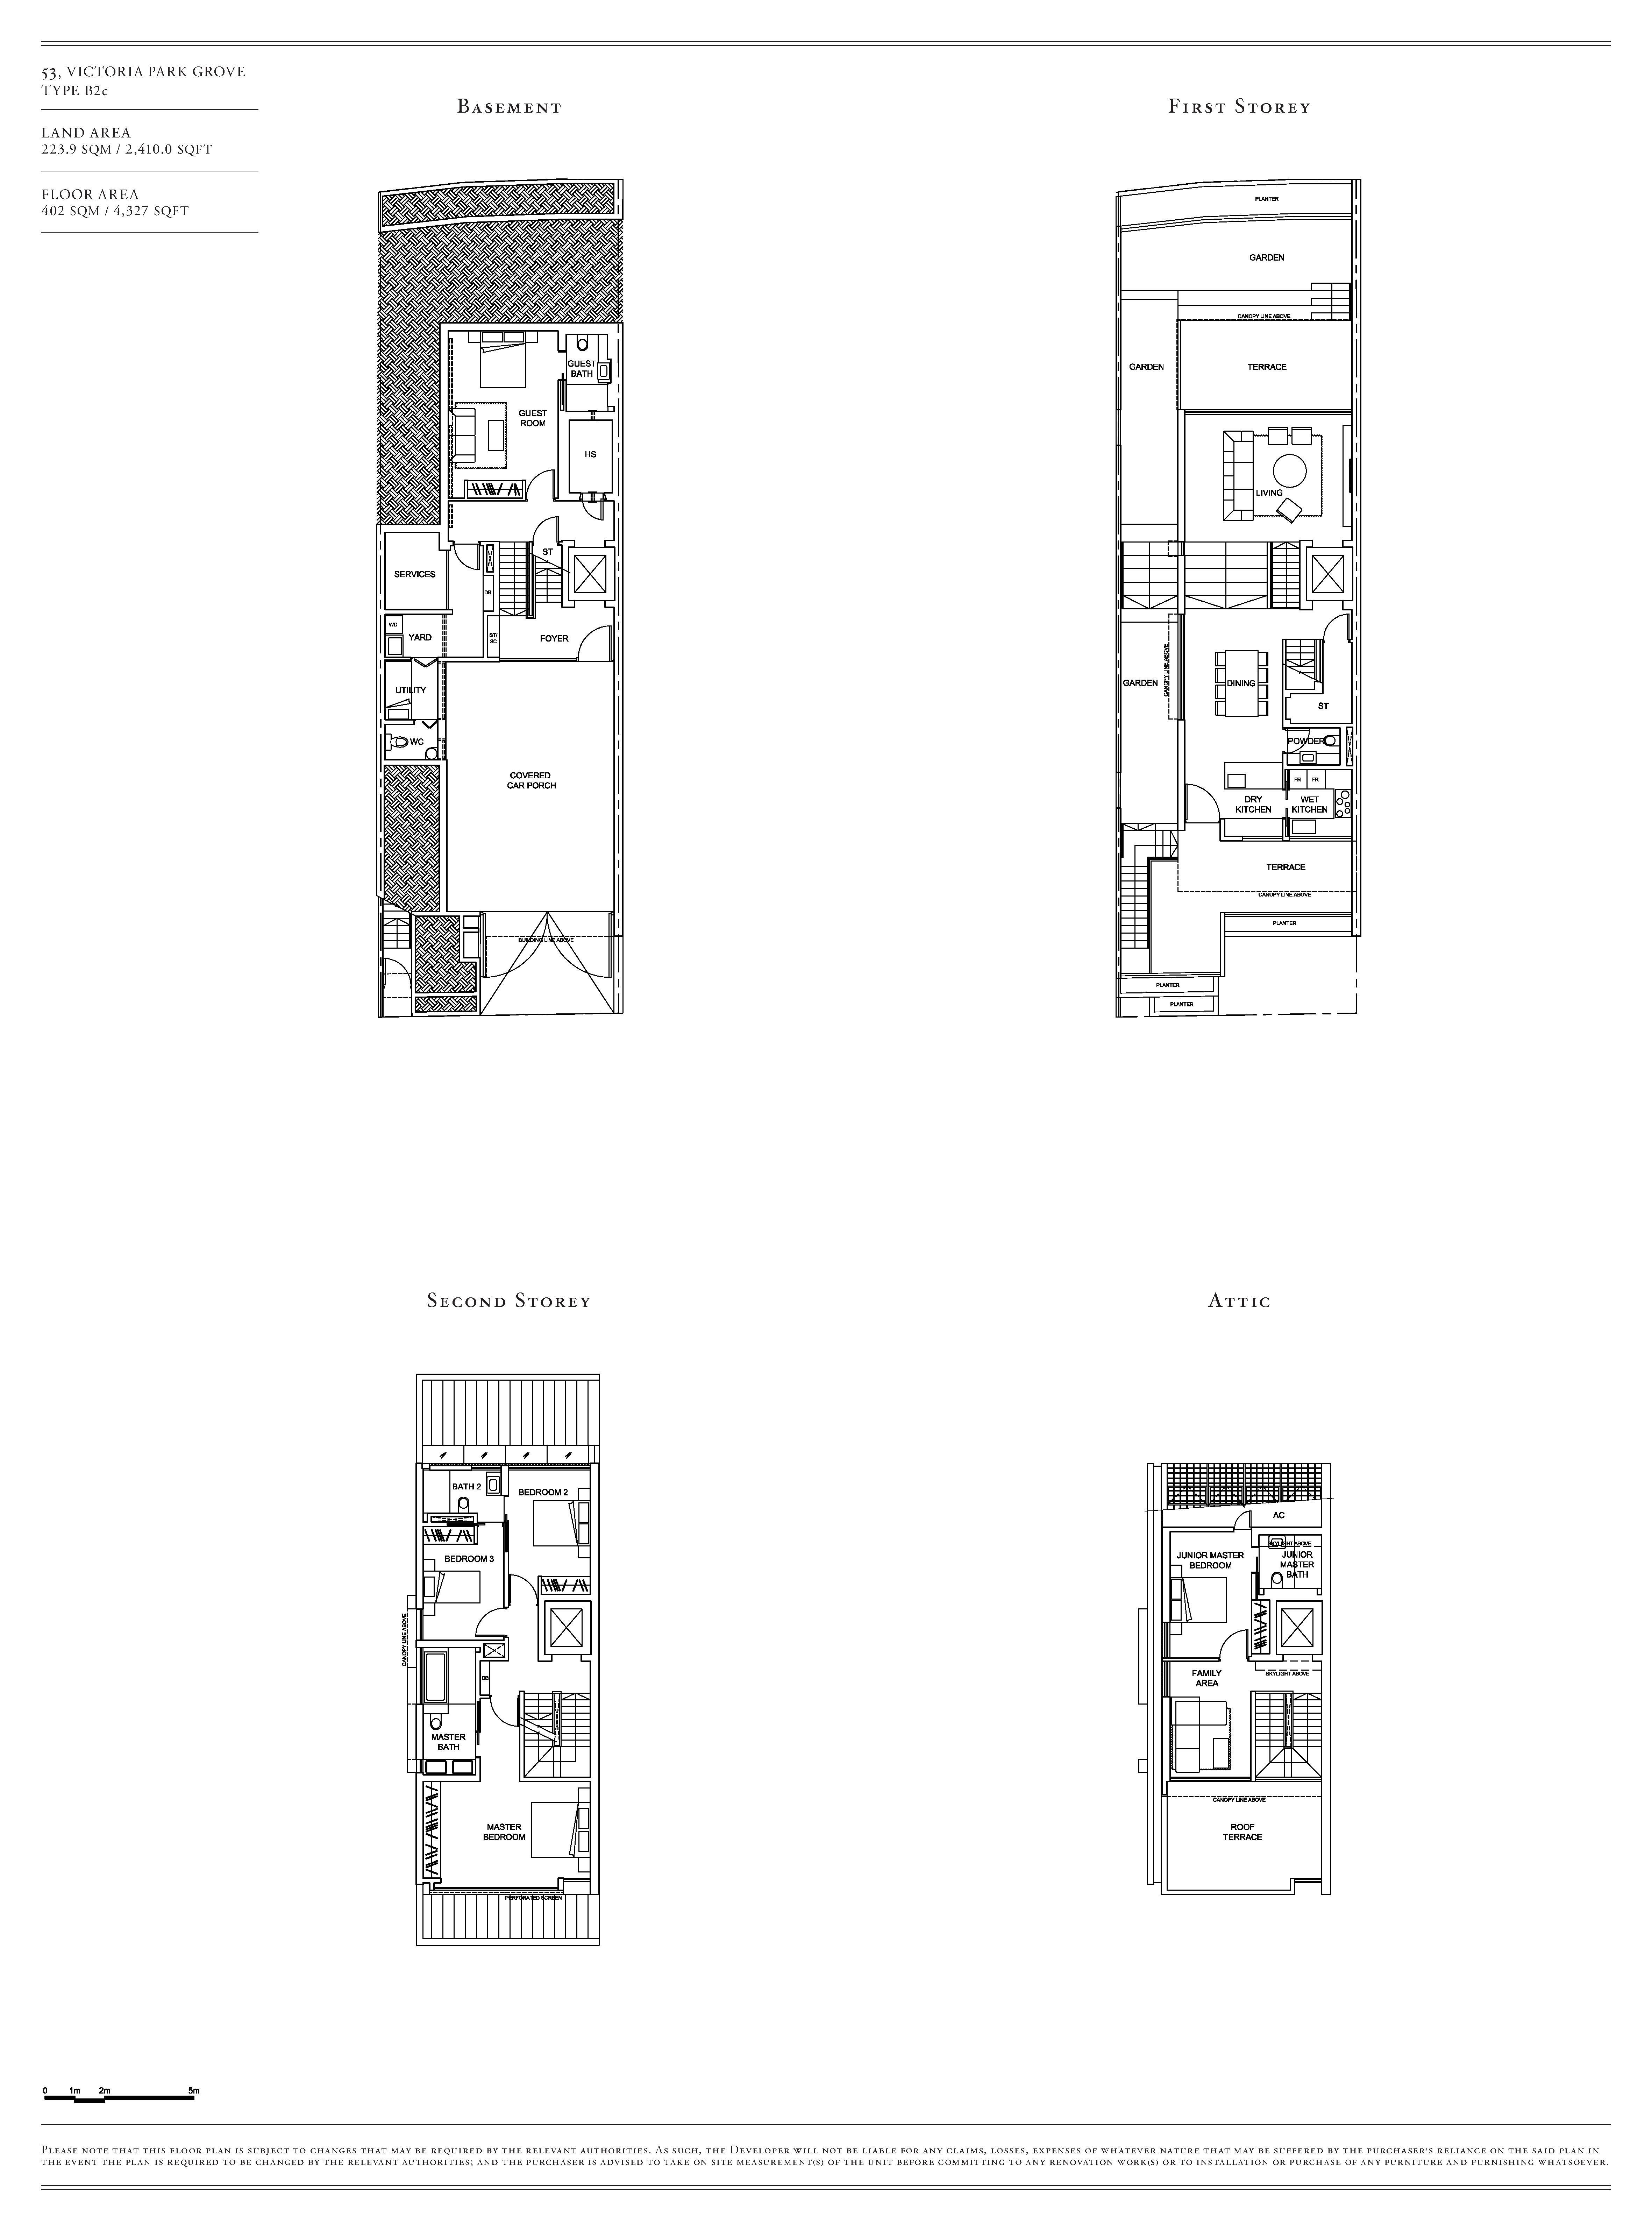 Victoria Park Villas House 53 Type B2c Floor Plans